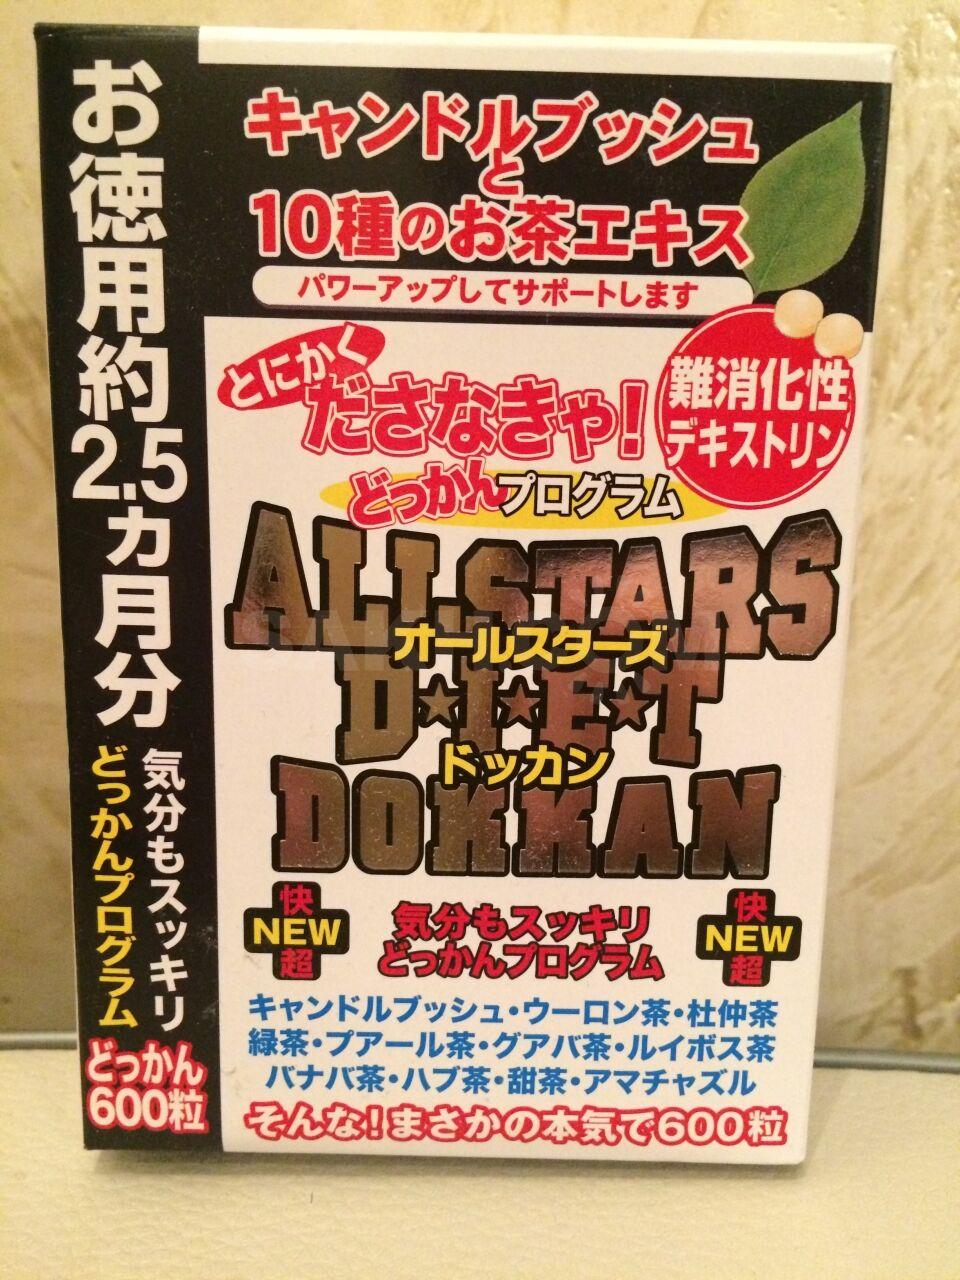 """Жиросжигатель """"звёздная диета"""". Новинка япония 1800 руб. Медицина."""